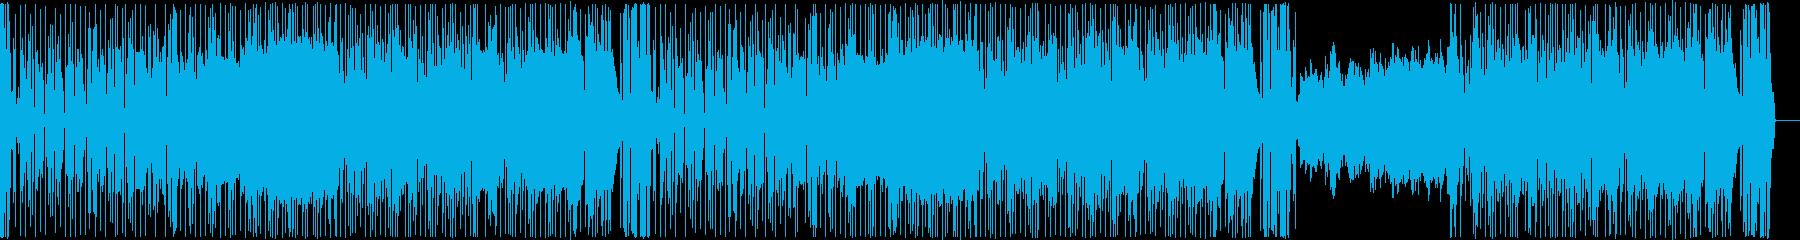 ゴスペル調BGMの再生済みの波形